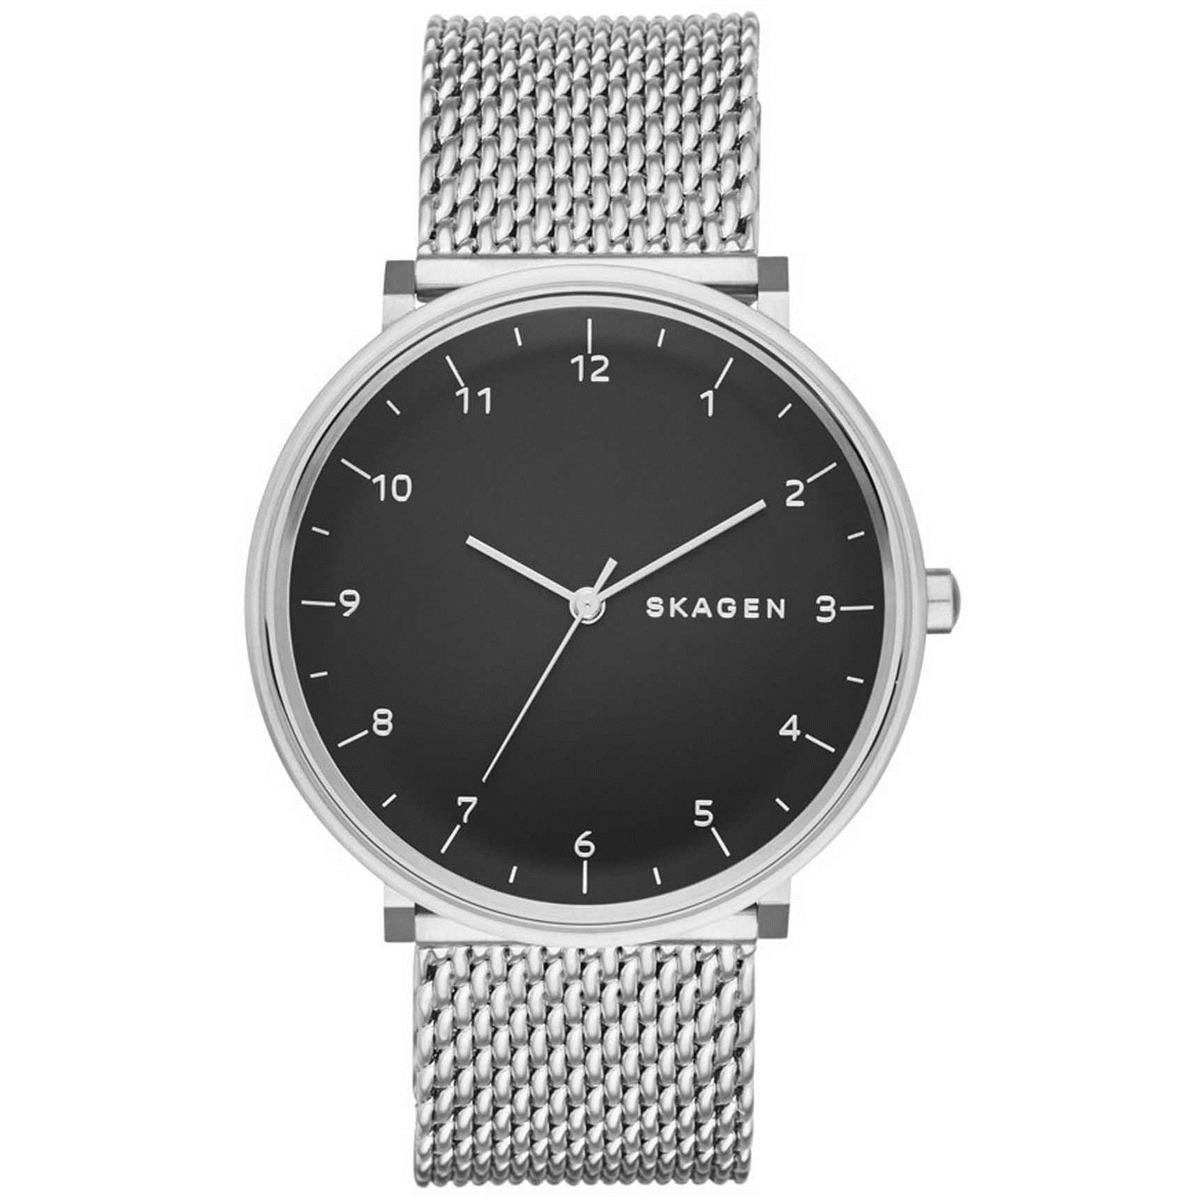 7e45f8c9d347c Relógio Skagen Masculino Slim Analógico Skw6175 z - R  999,99 em ...